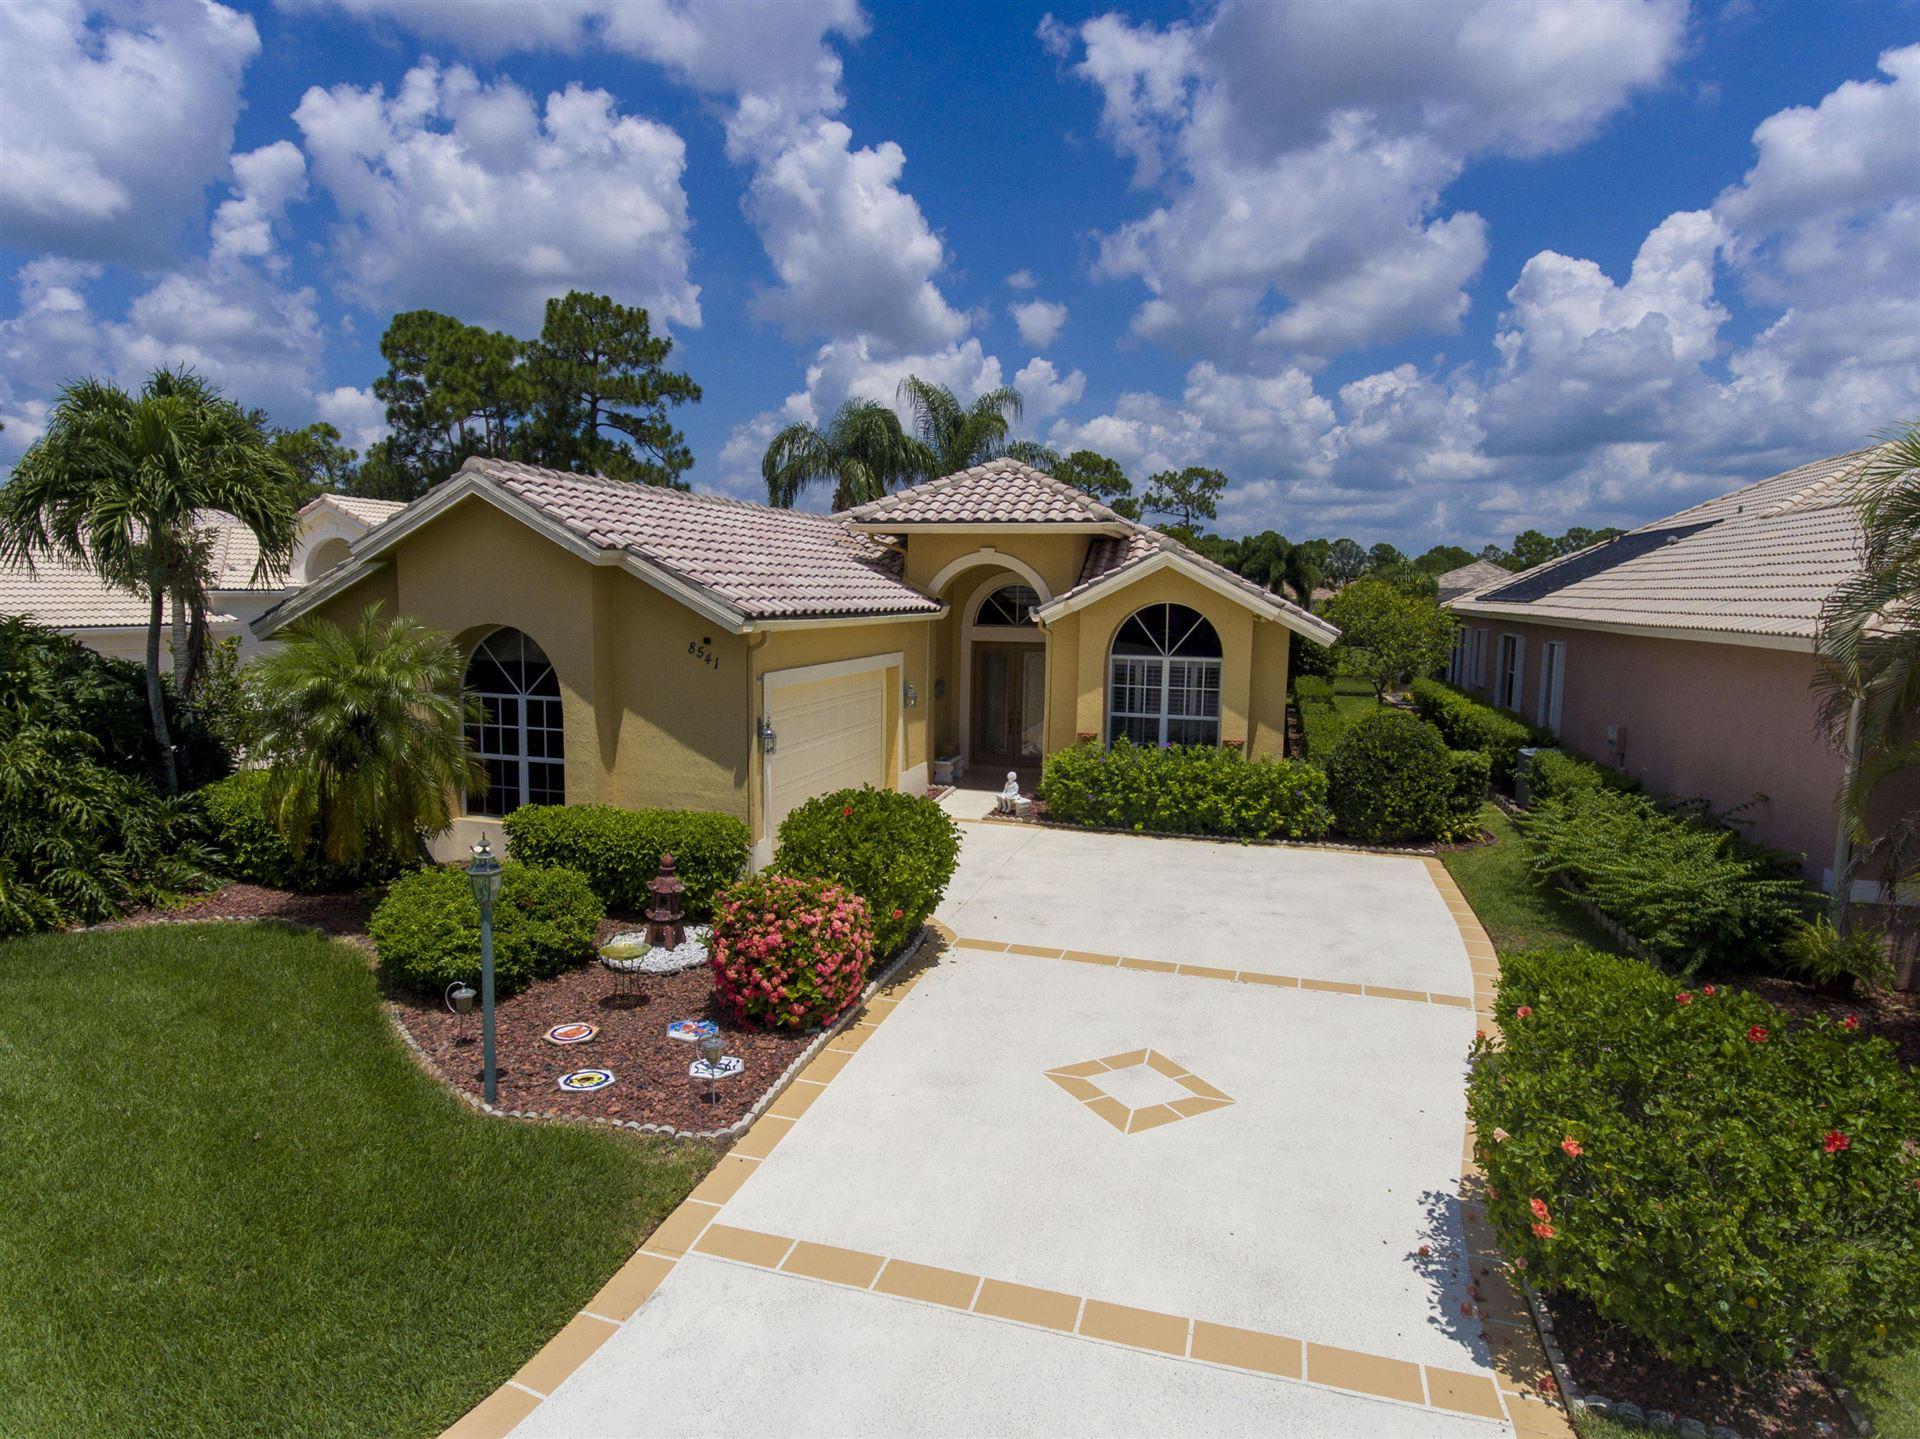 8541 Belfry Place, Port Saint Lucie, FL 34986 - #: RX-10639174